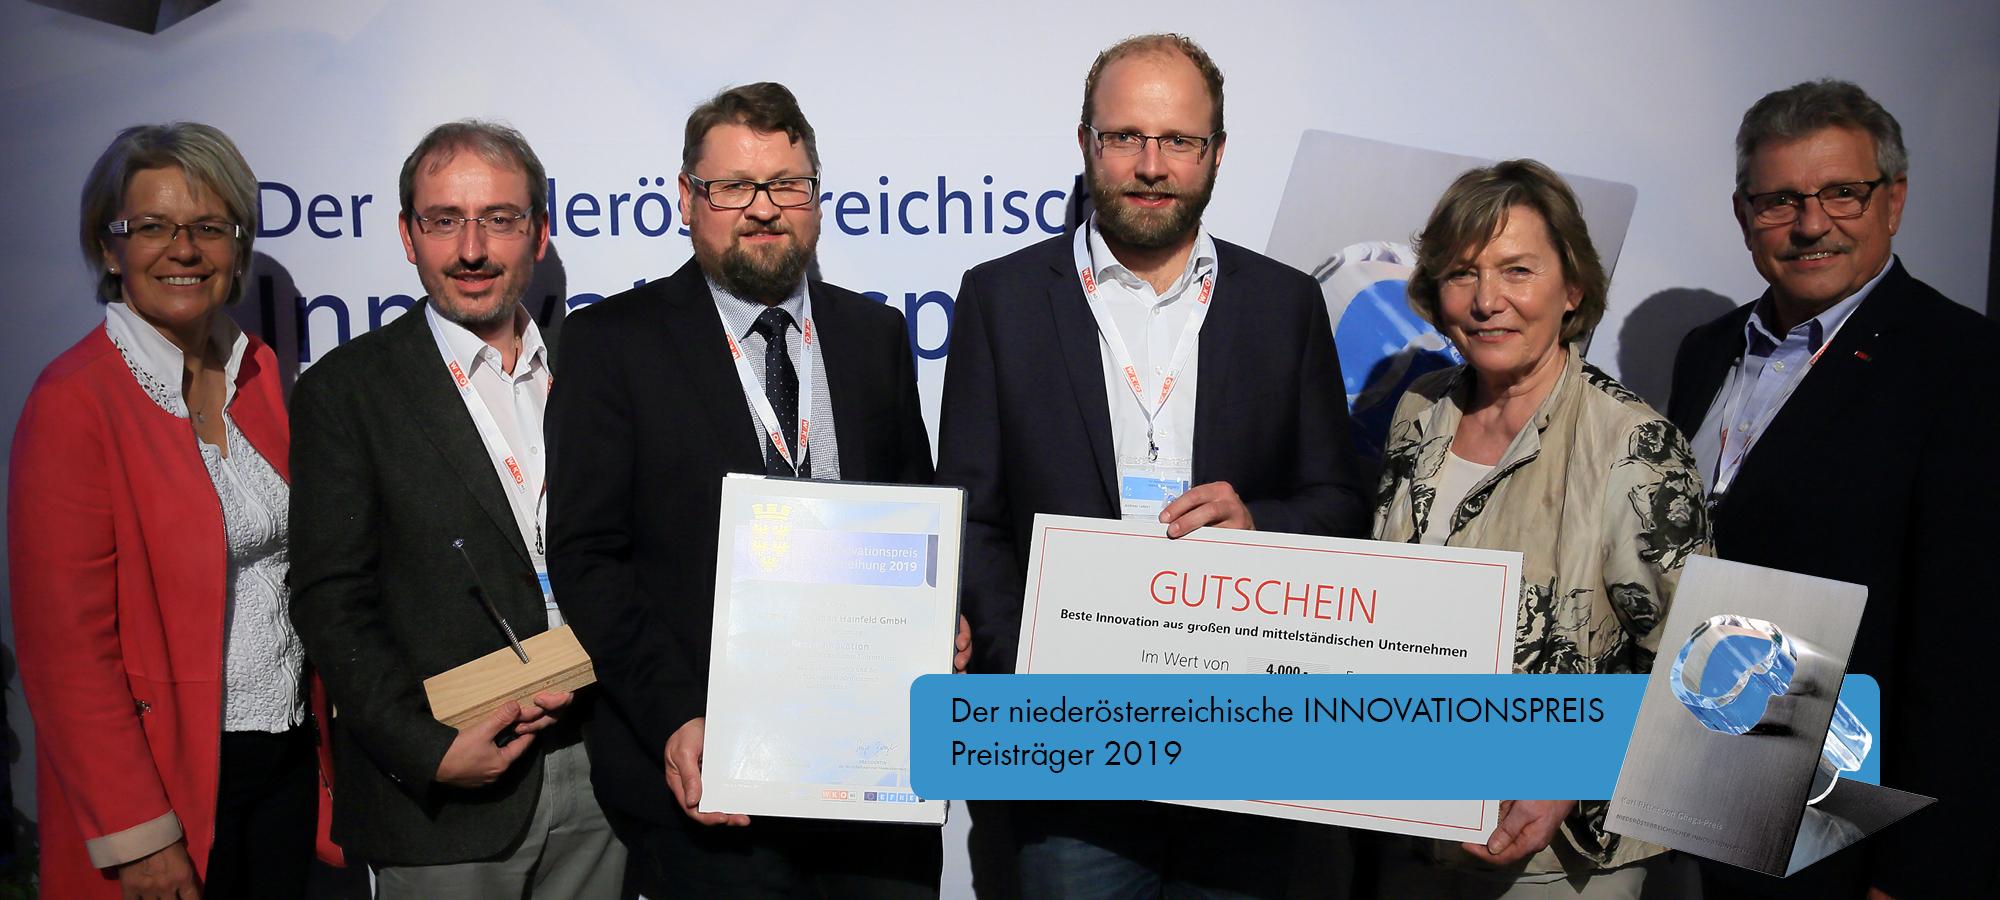 Schmid Schrauben Hainfeld gewinnt den Niederösterreichischen Innovationspreis 2019